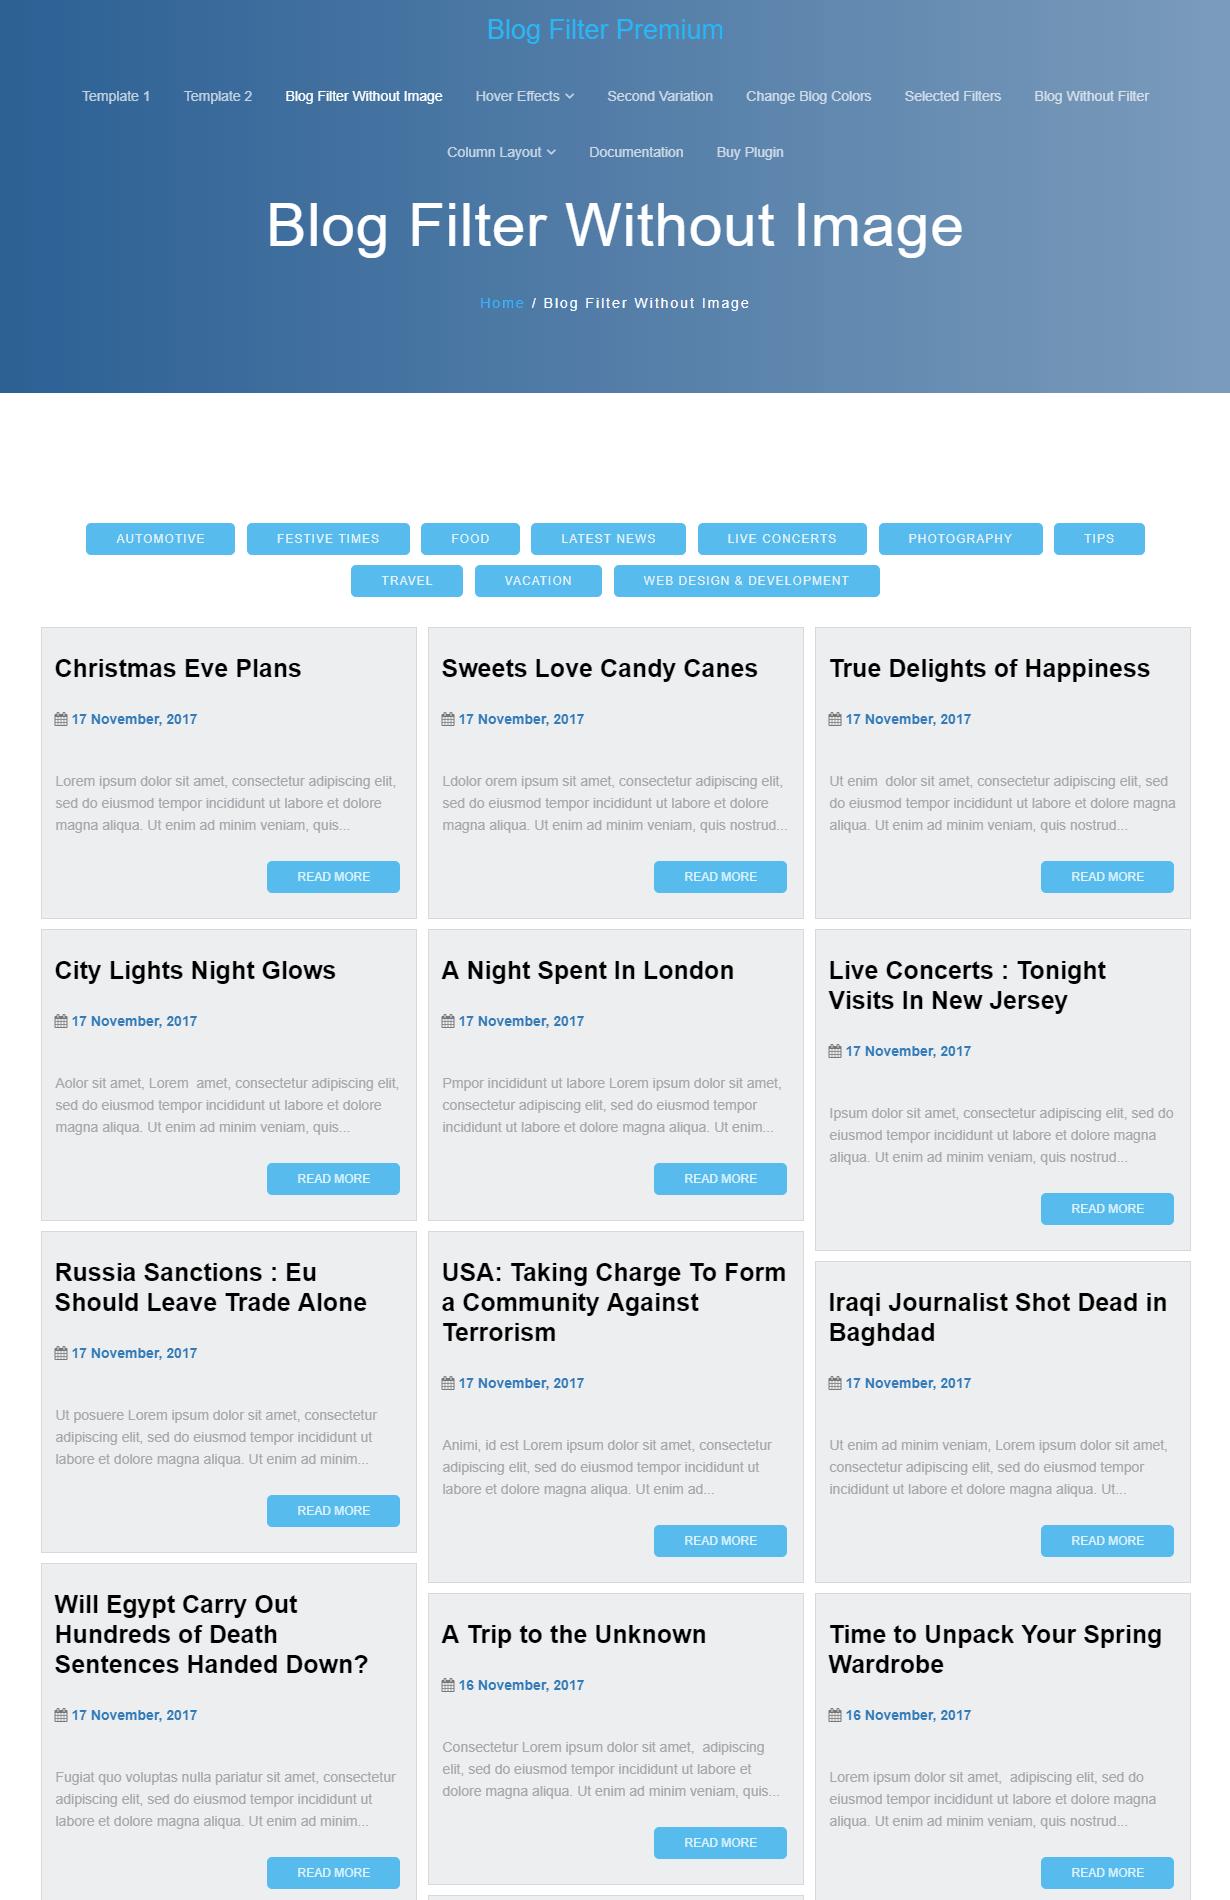 Blog Filter Premium